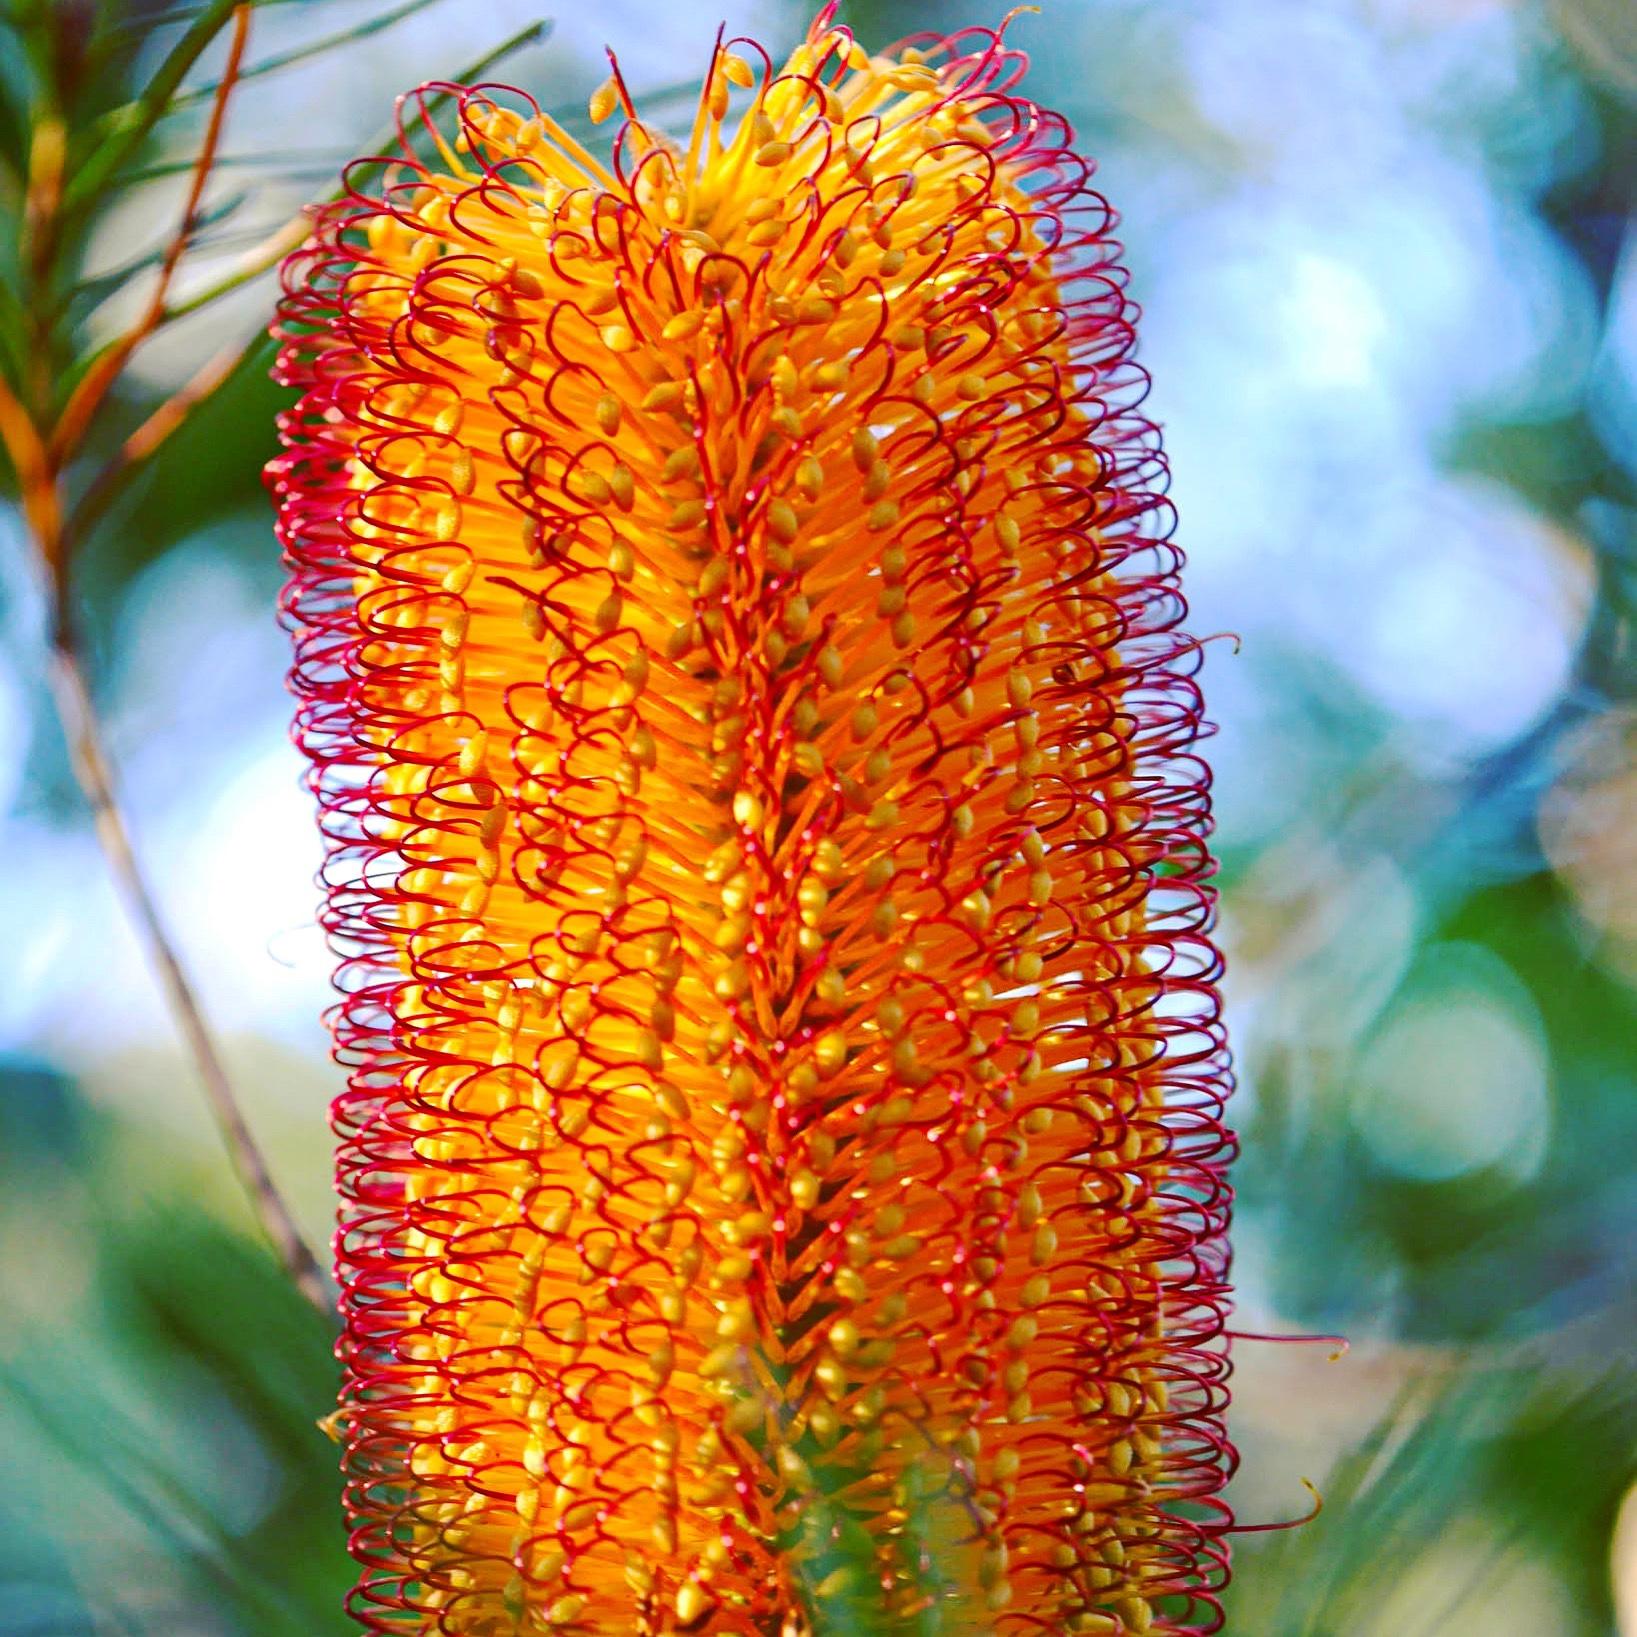 Banksia flower - Australian native